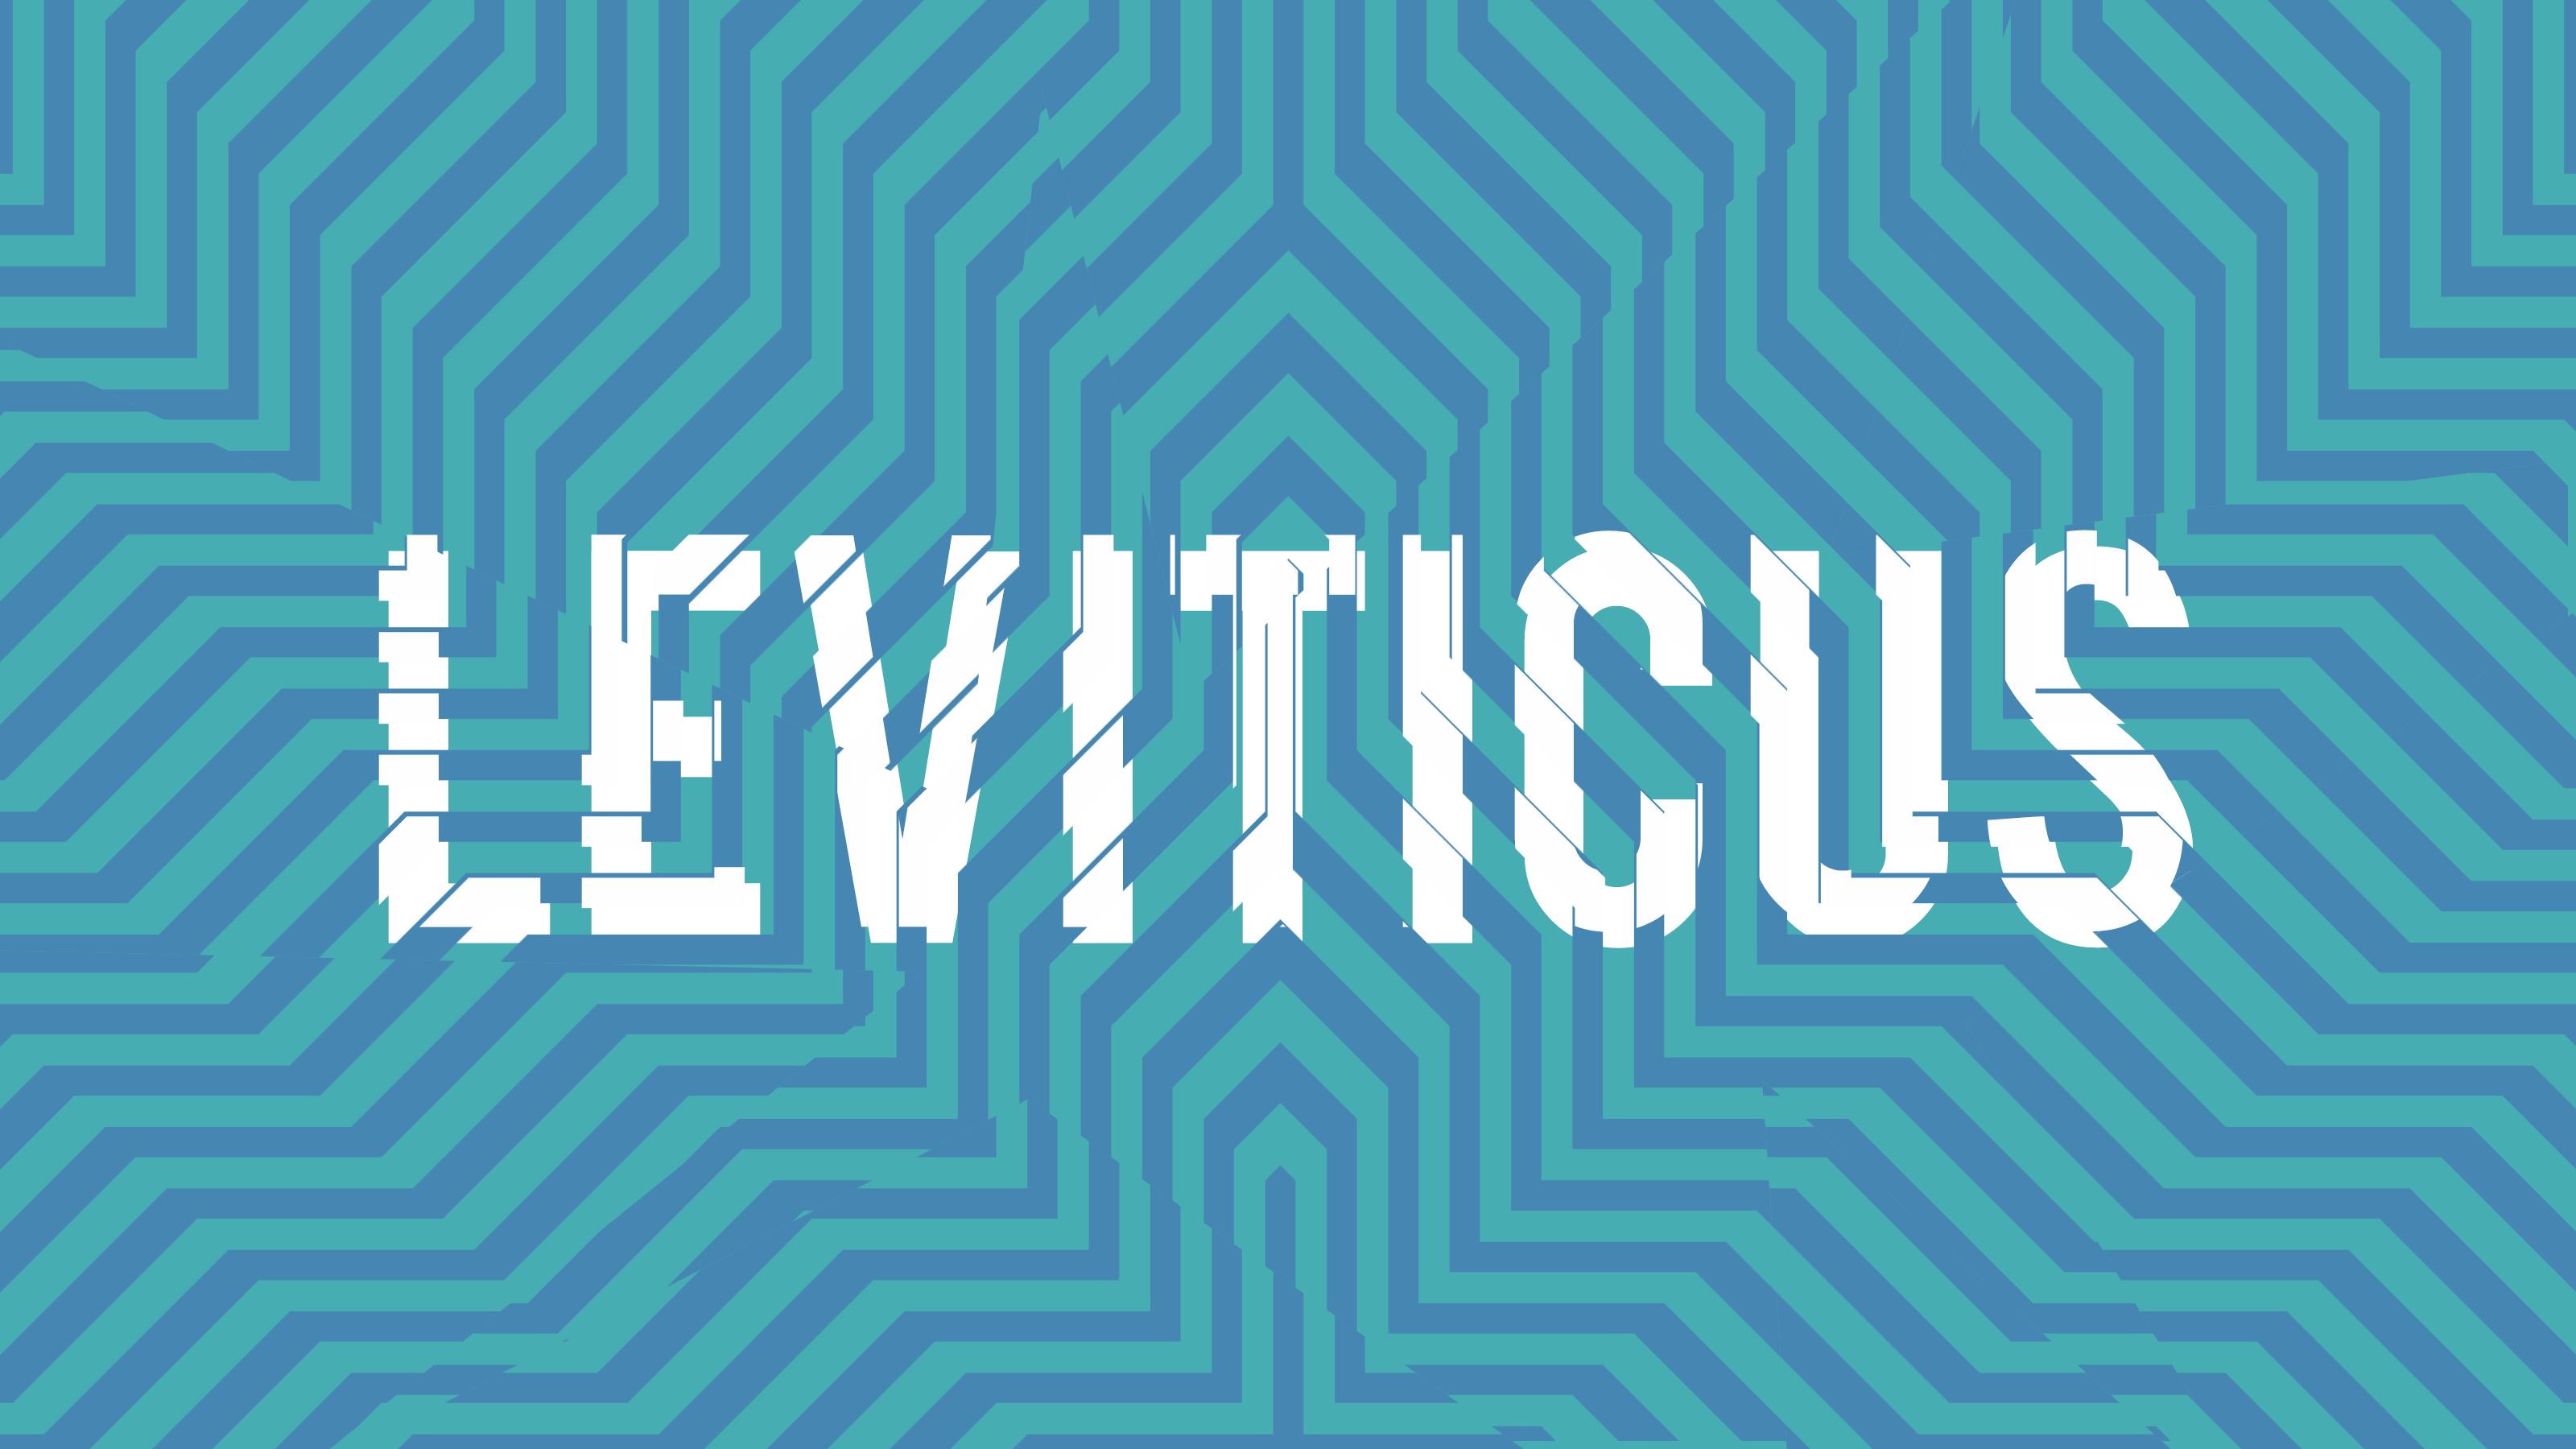 Leviticus 8-10